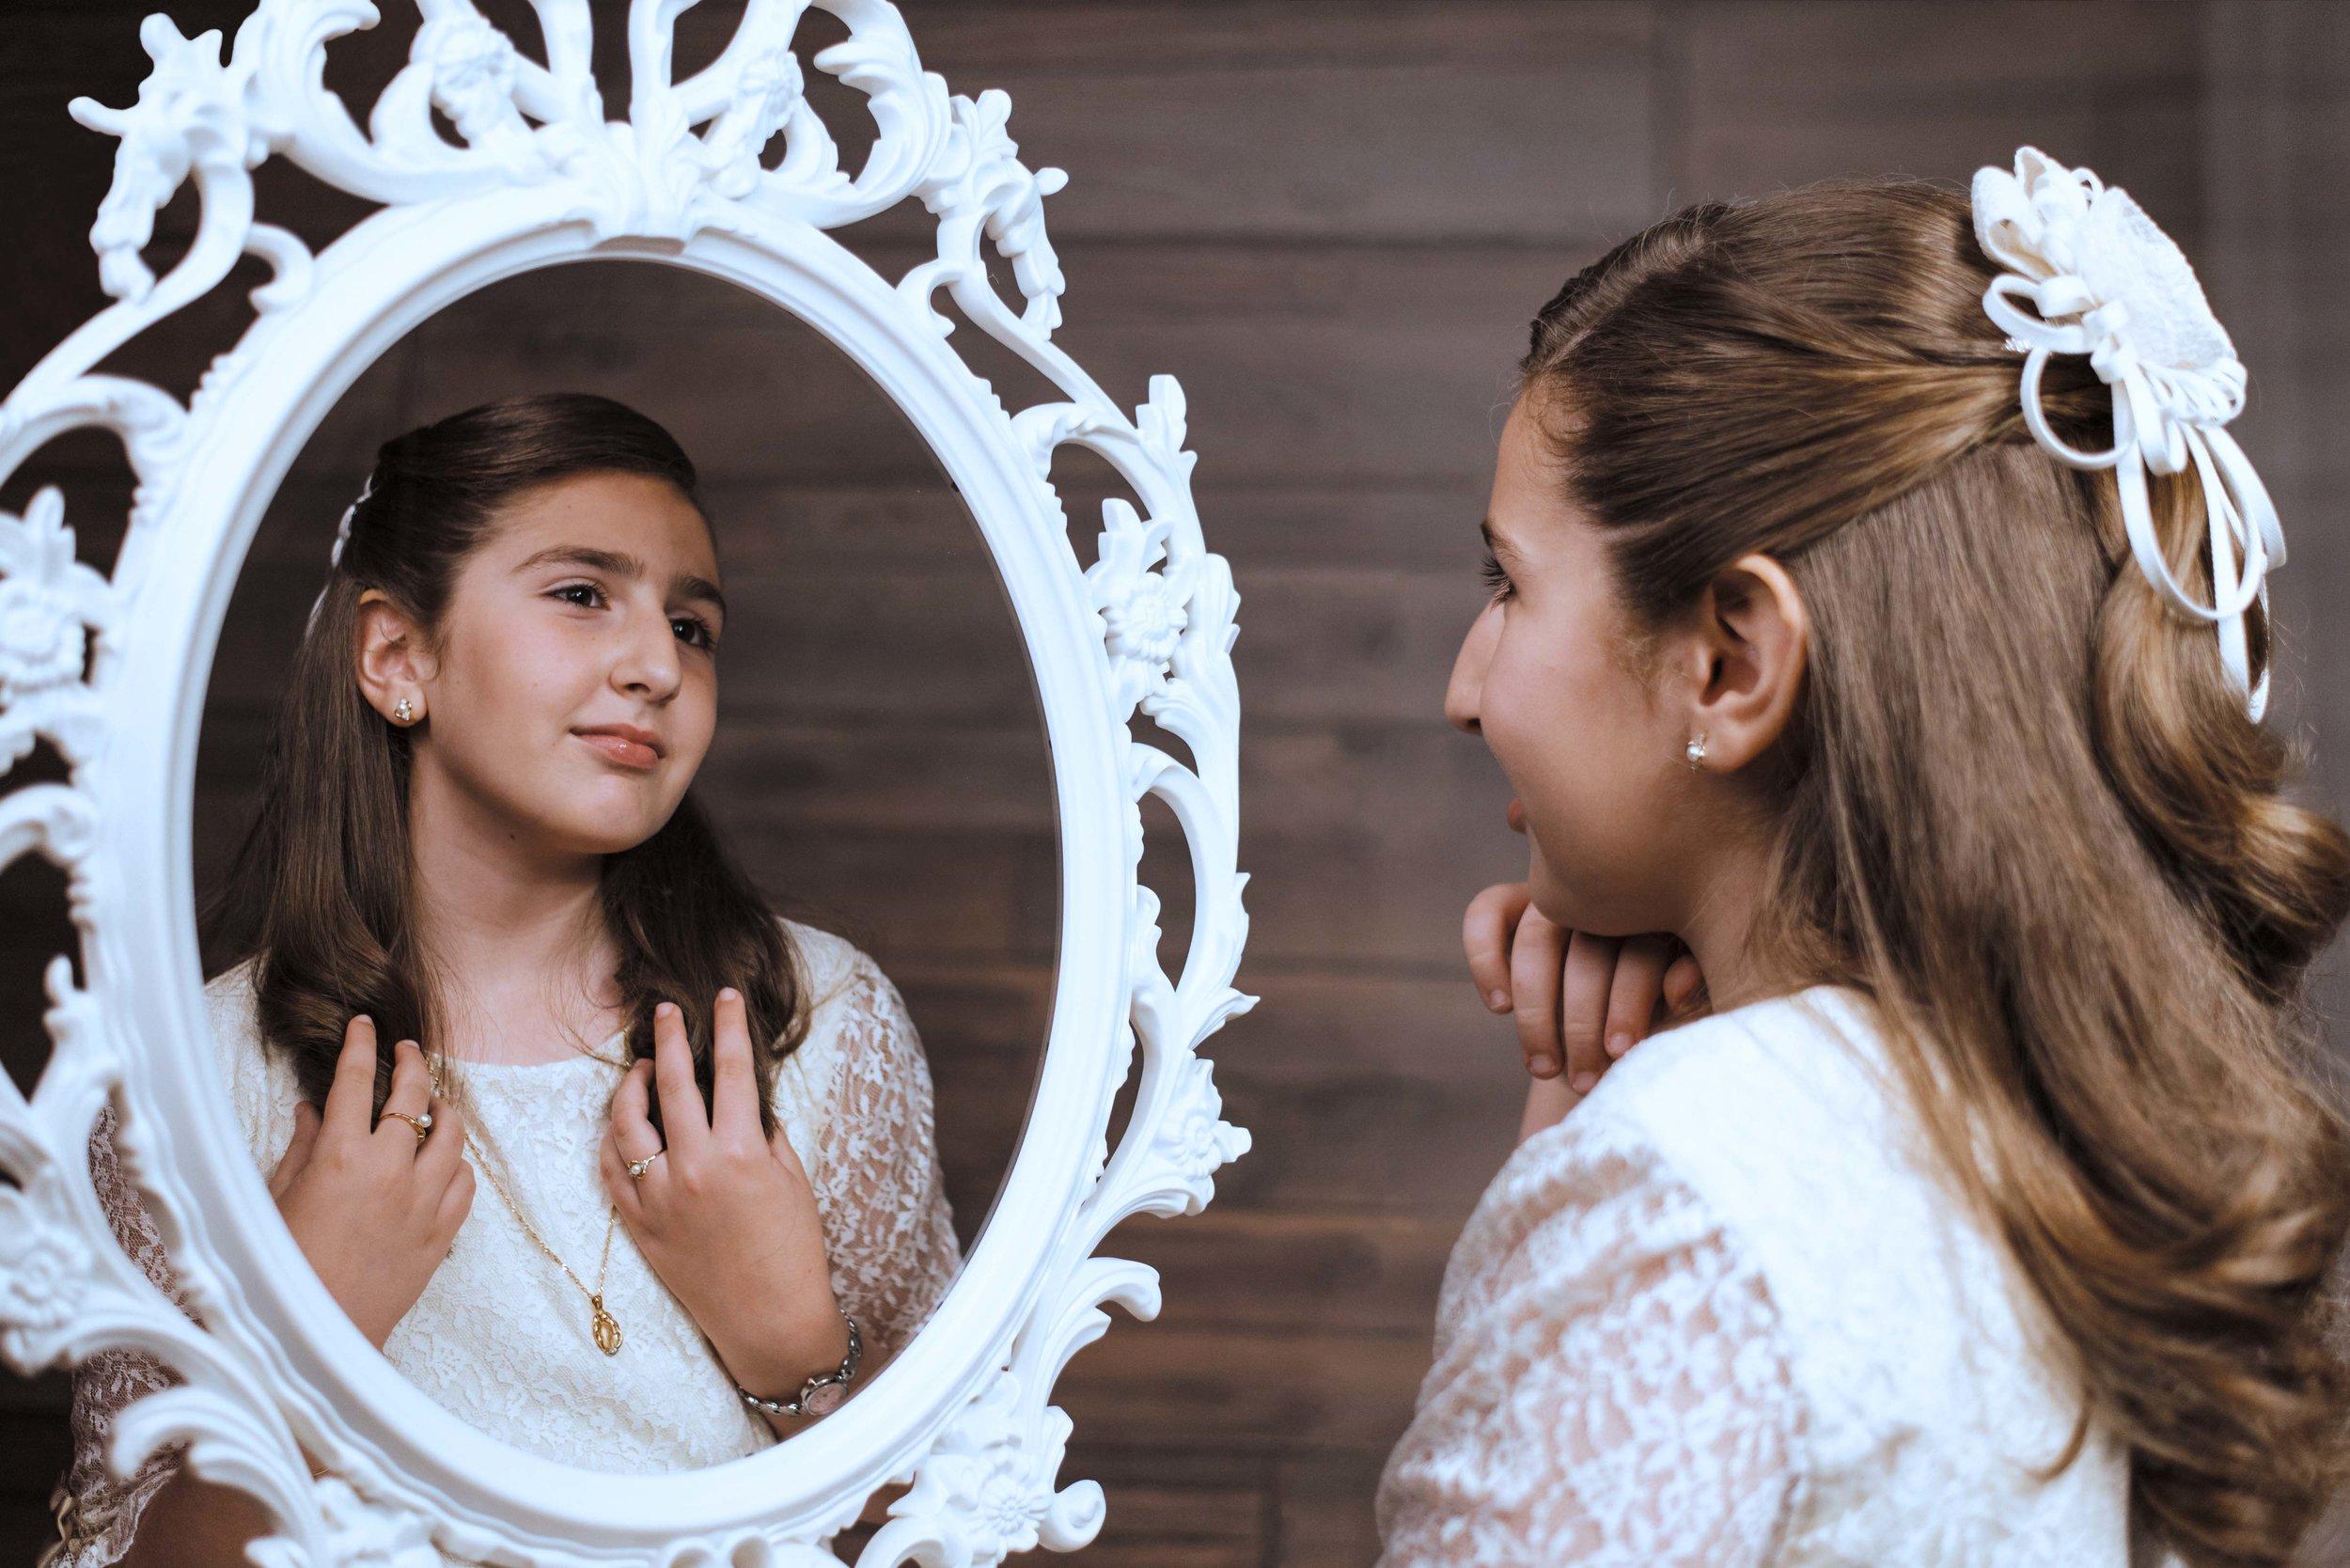 montaje espejo-Pertegal.jpg